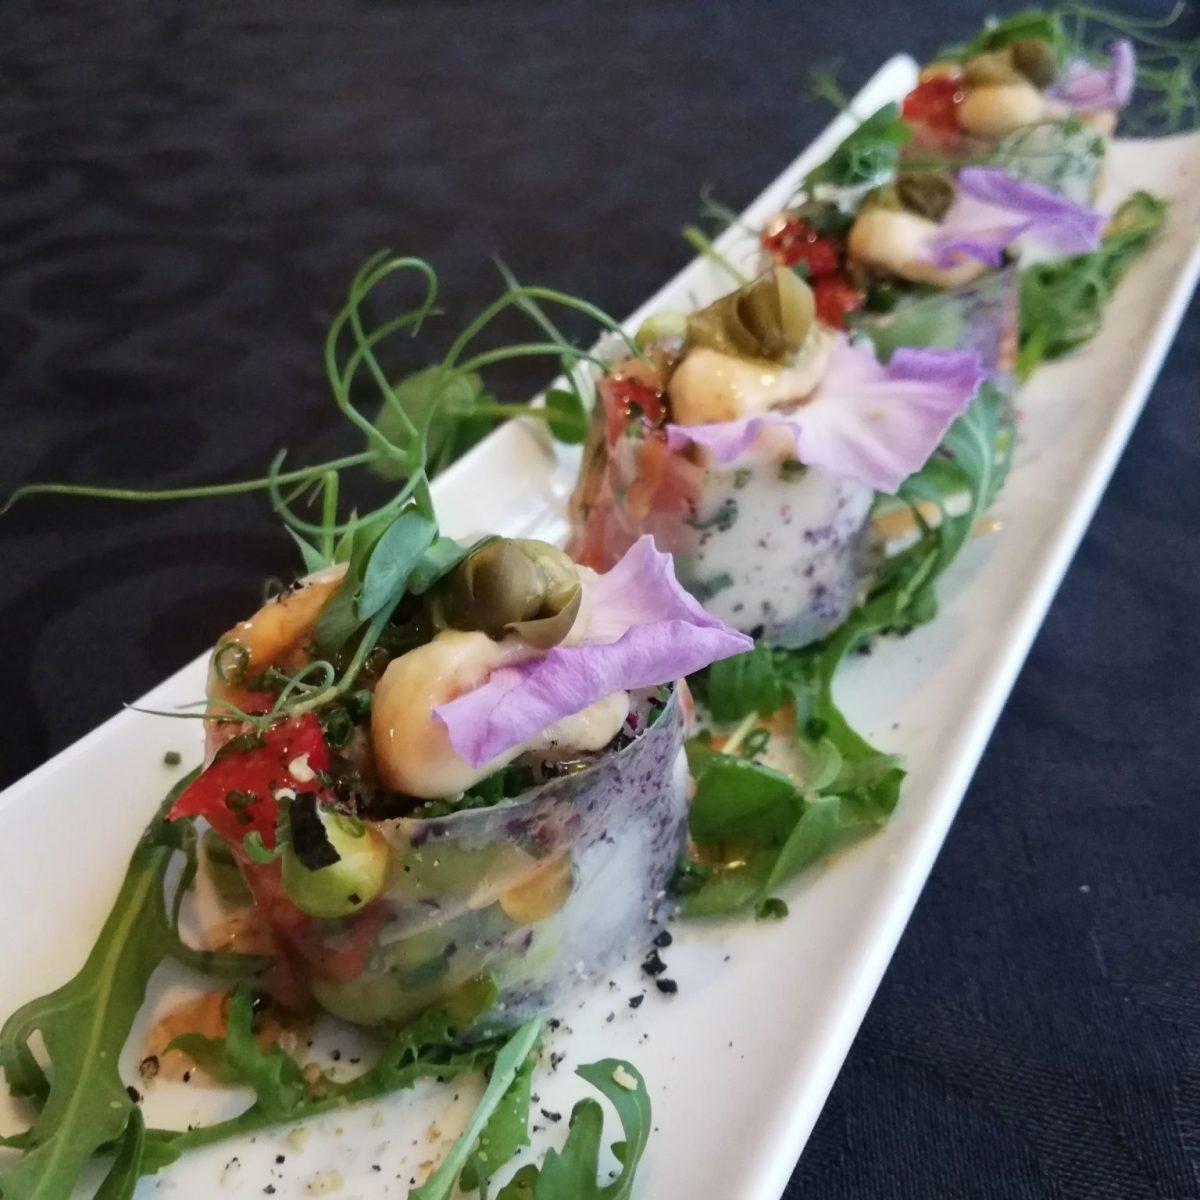 Legumi Sushi Vegan Restaurant in Lisbon